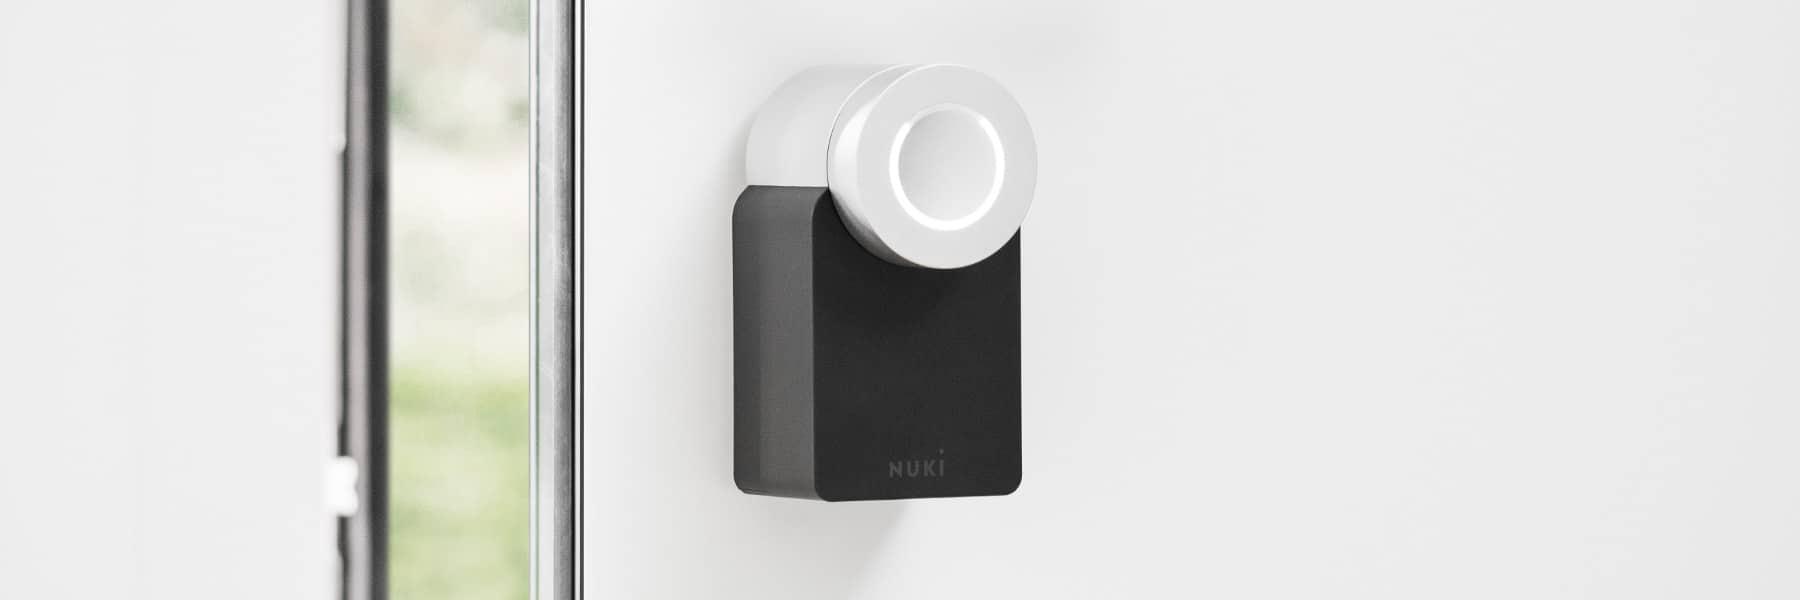 Nuki: Türschloss über Homebridge in HomeKit einbinden